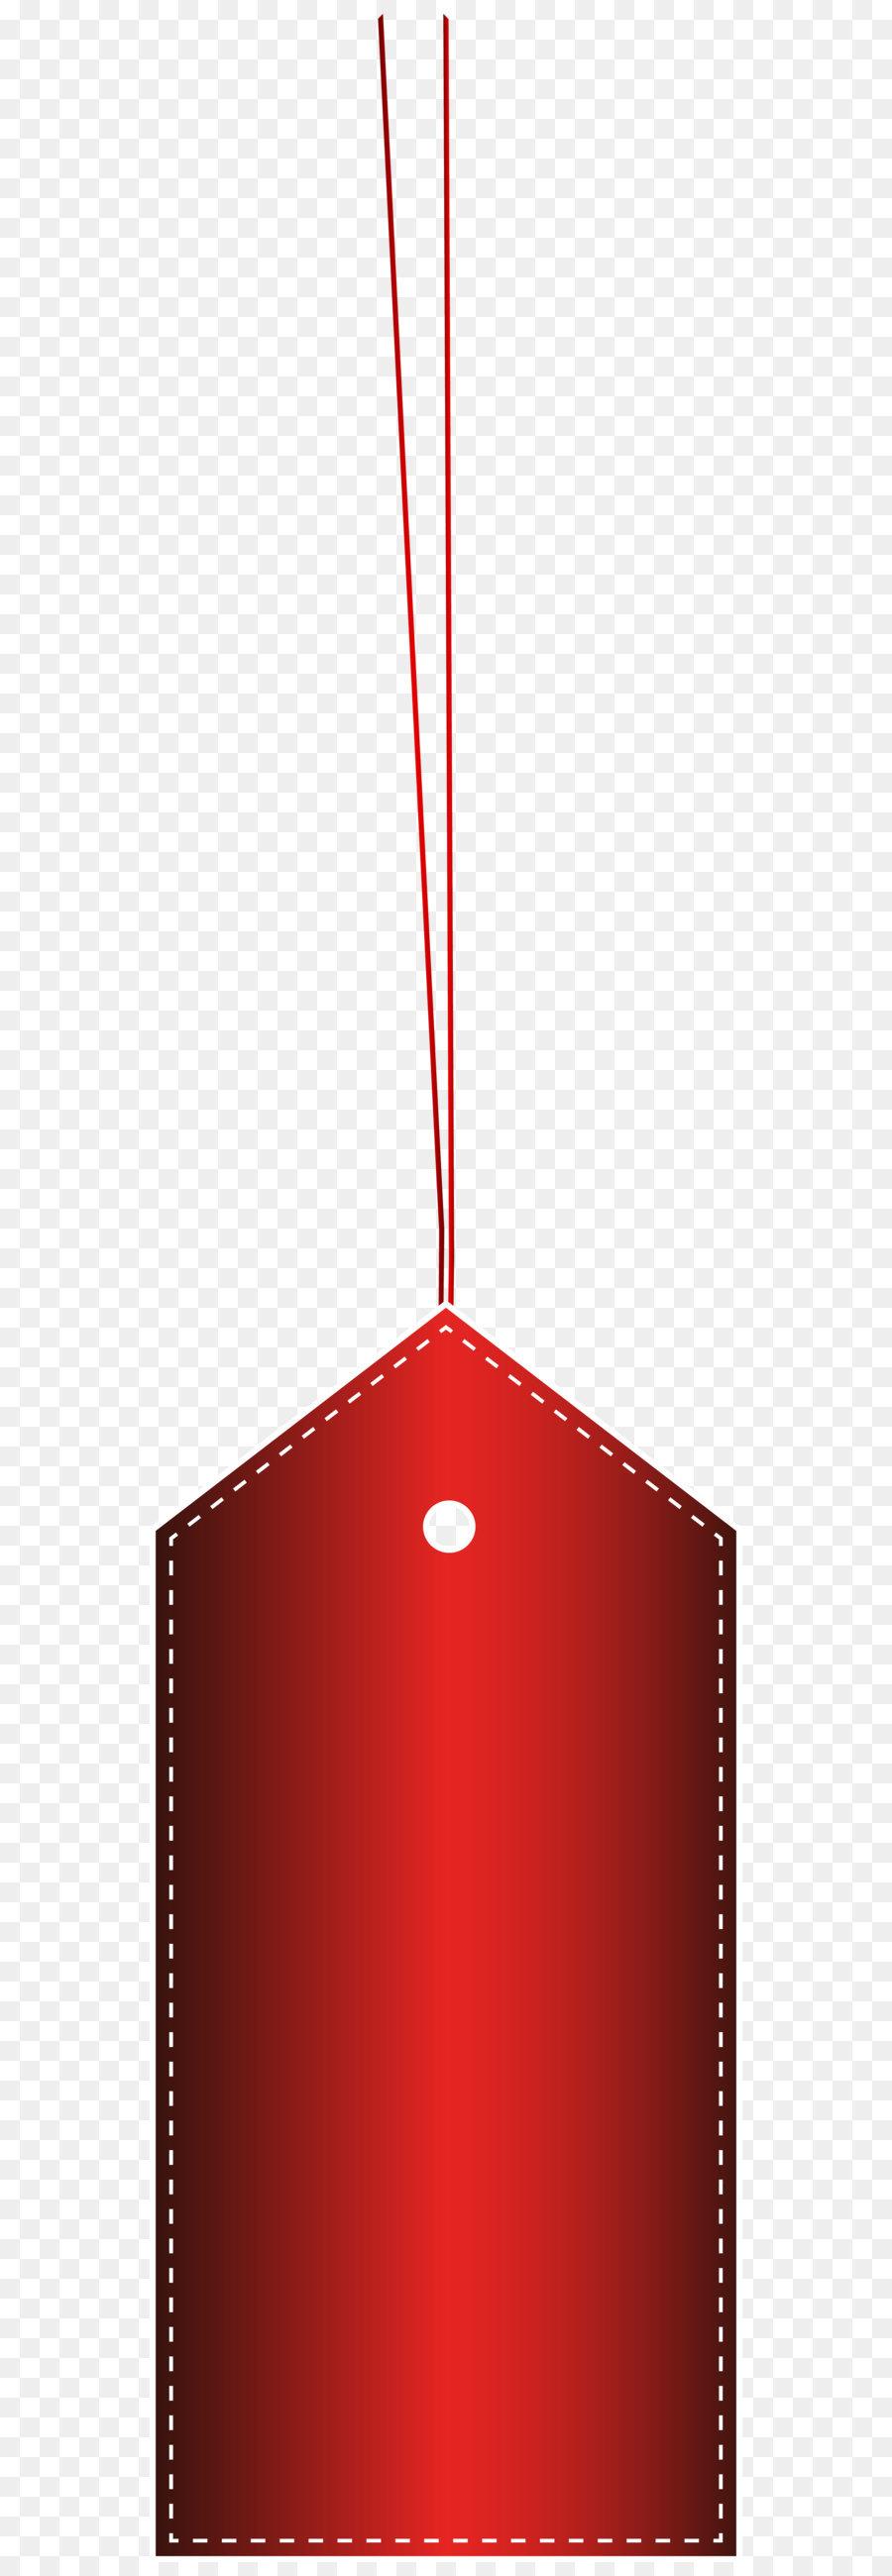 Producto De Rojo El Ángulo De La Fuente - Rojo de la Plantilla de ...